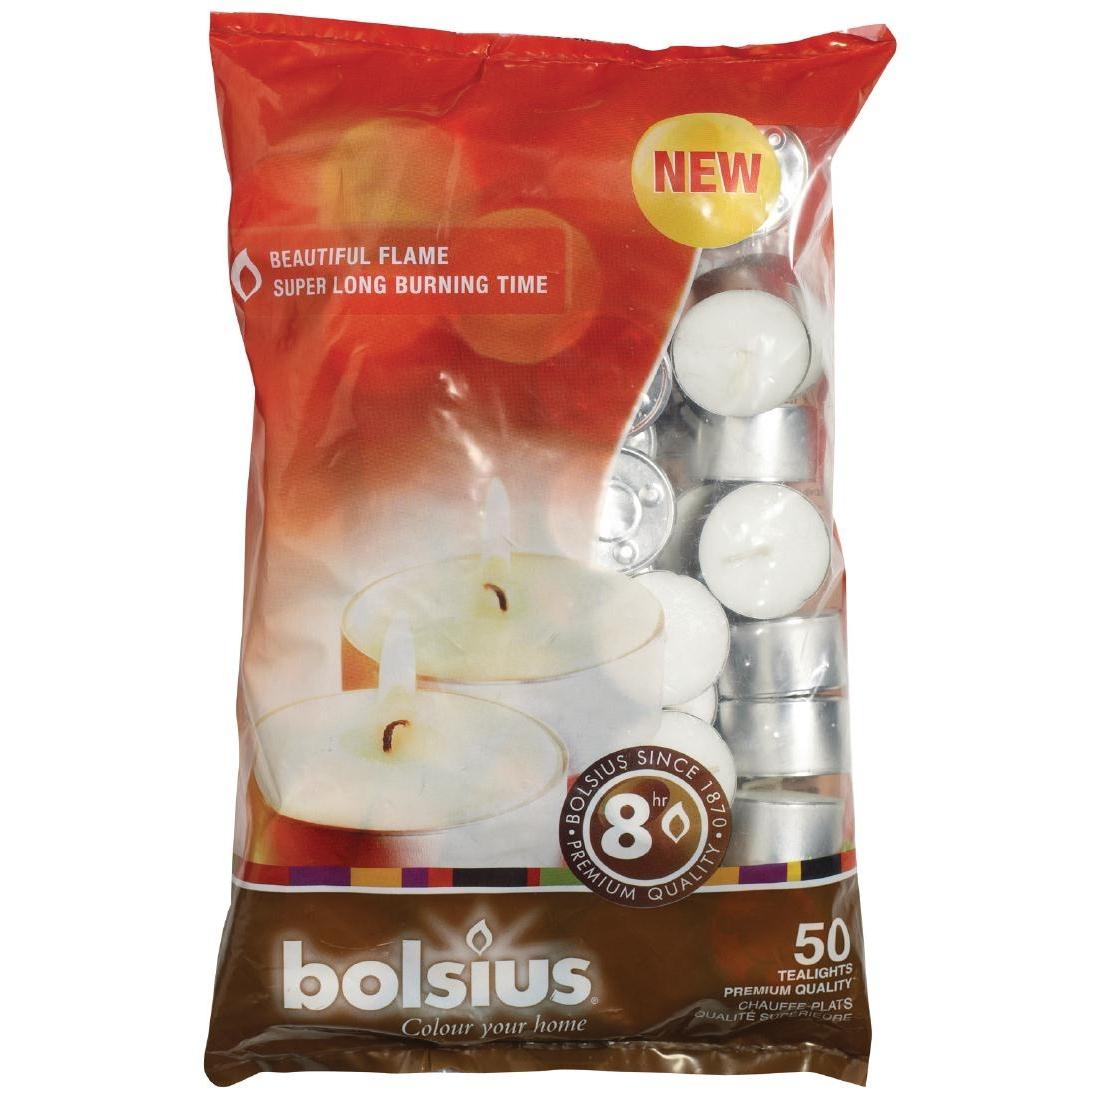 Bolsius-Tealights-8-Hour-Burn-Time-High-Quality-White-Parrifin-Wax-Candles